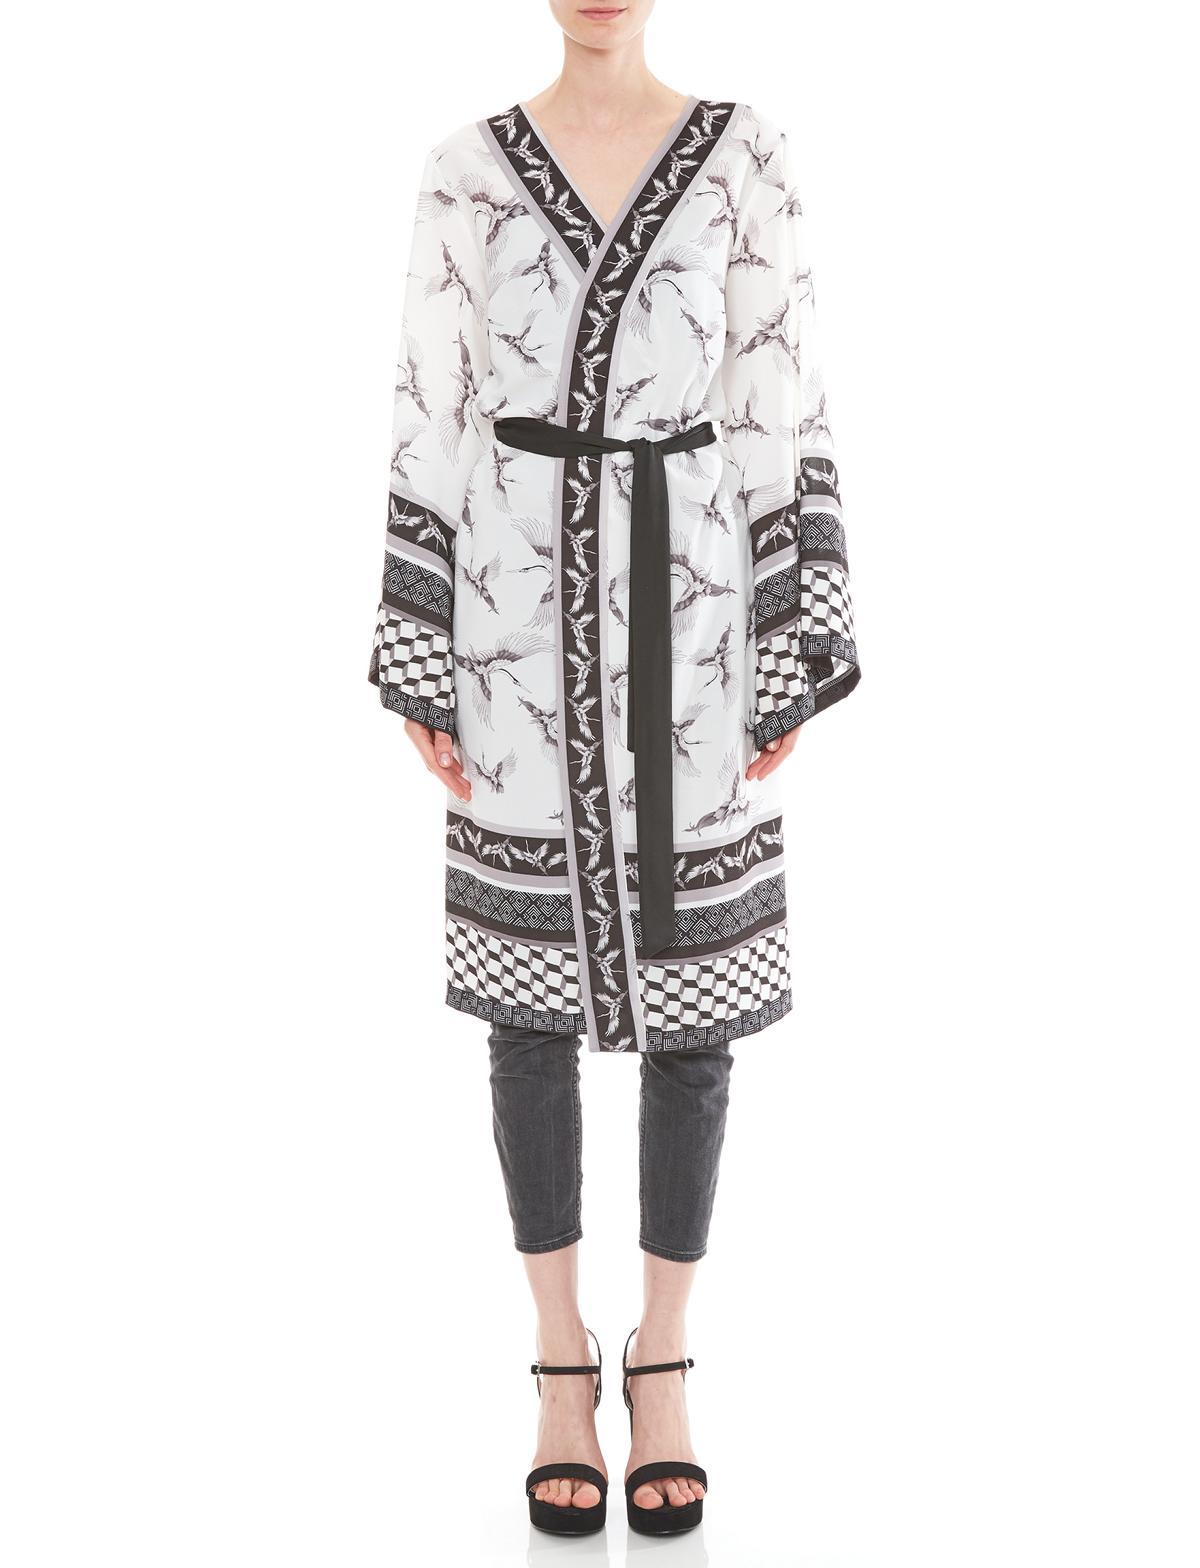 Vorderansicht von Ana Alcazar Kimono Meybel White  angezogen an Model